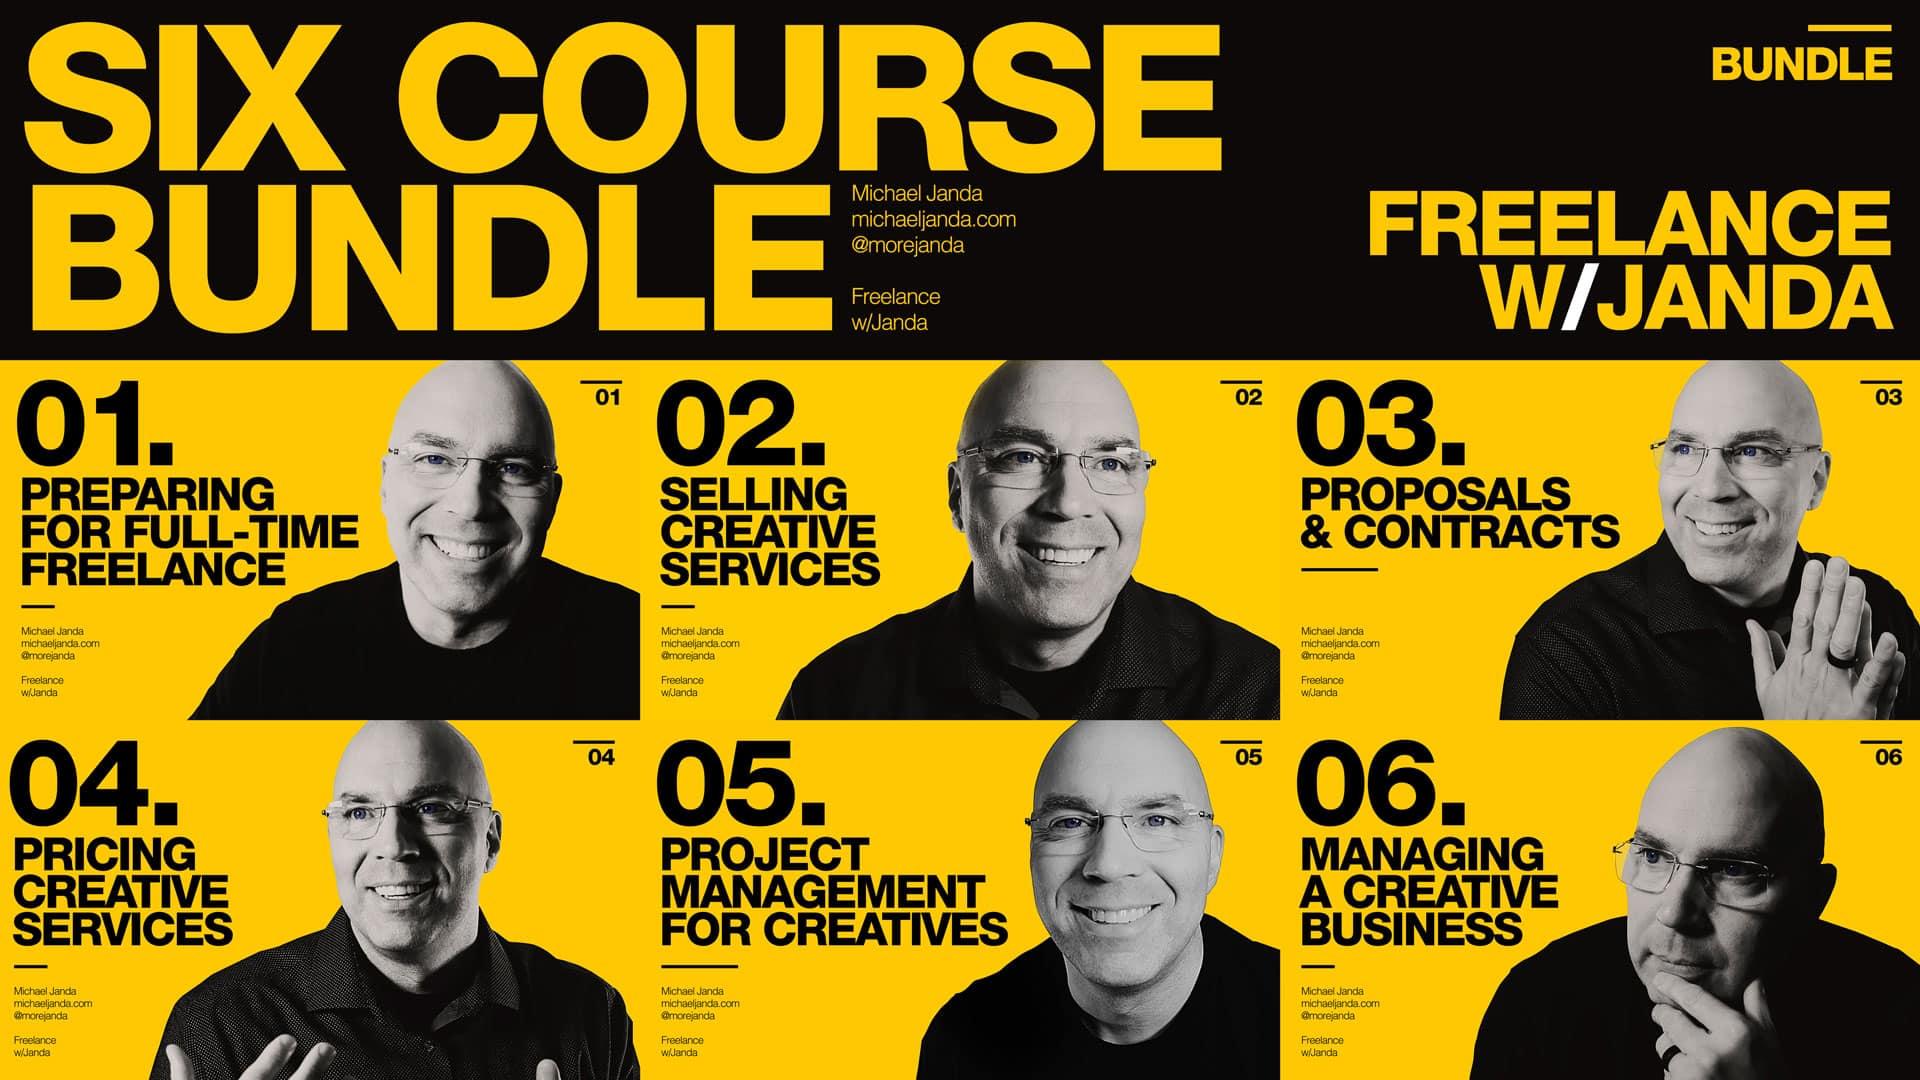 Freelance with Janda 6 Course Bundle